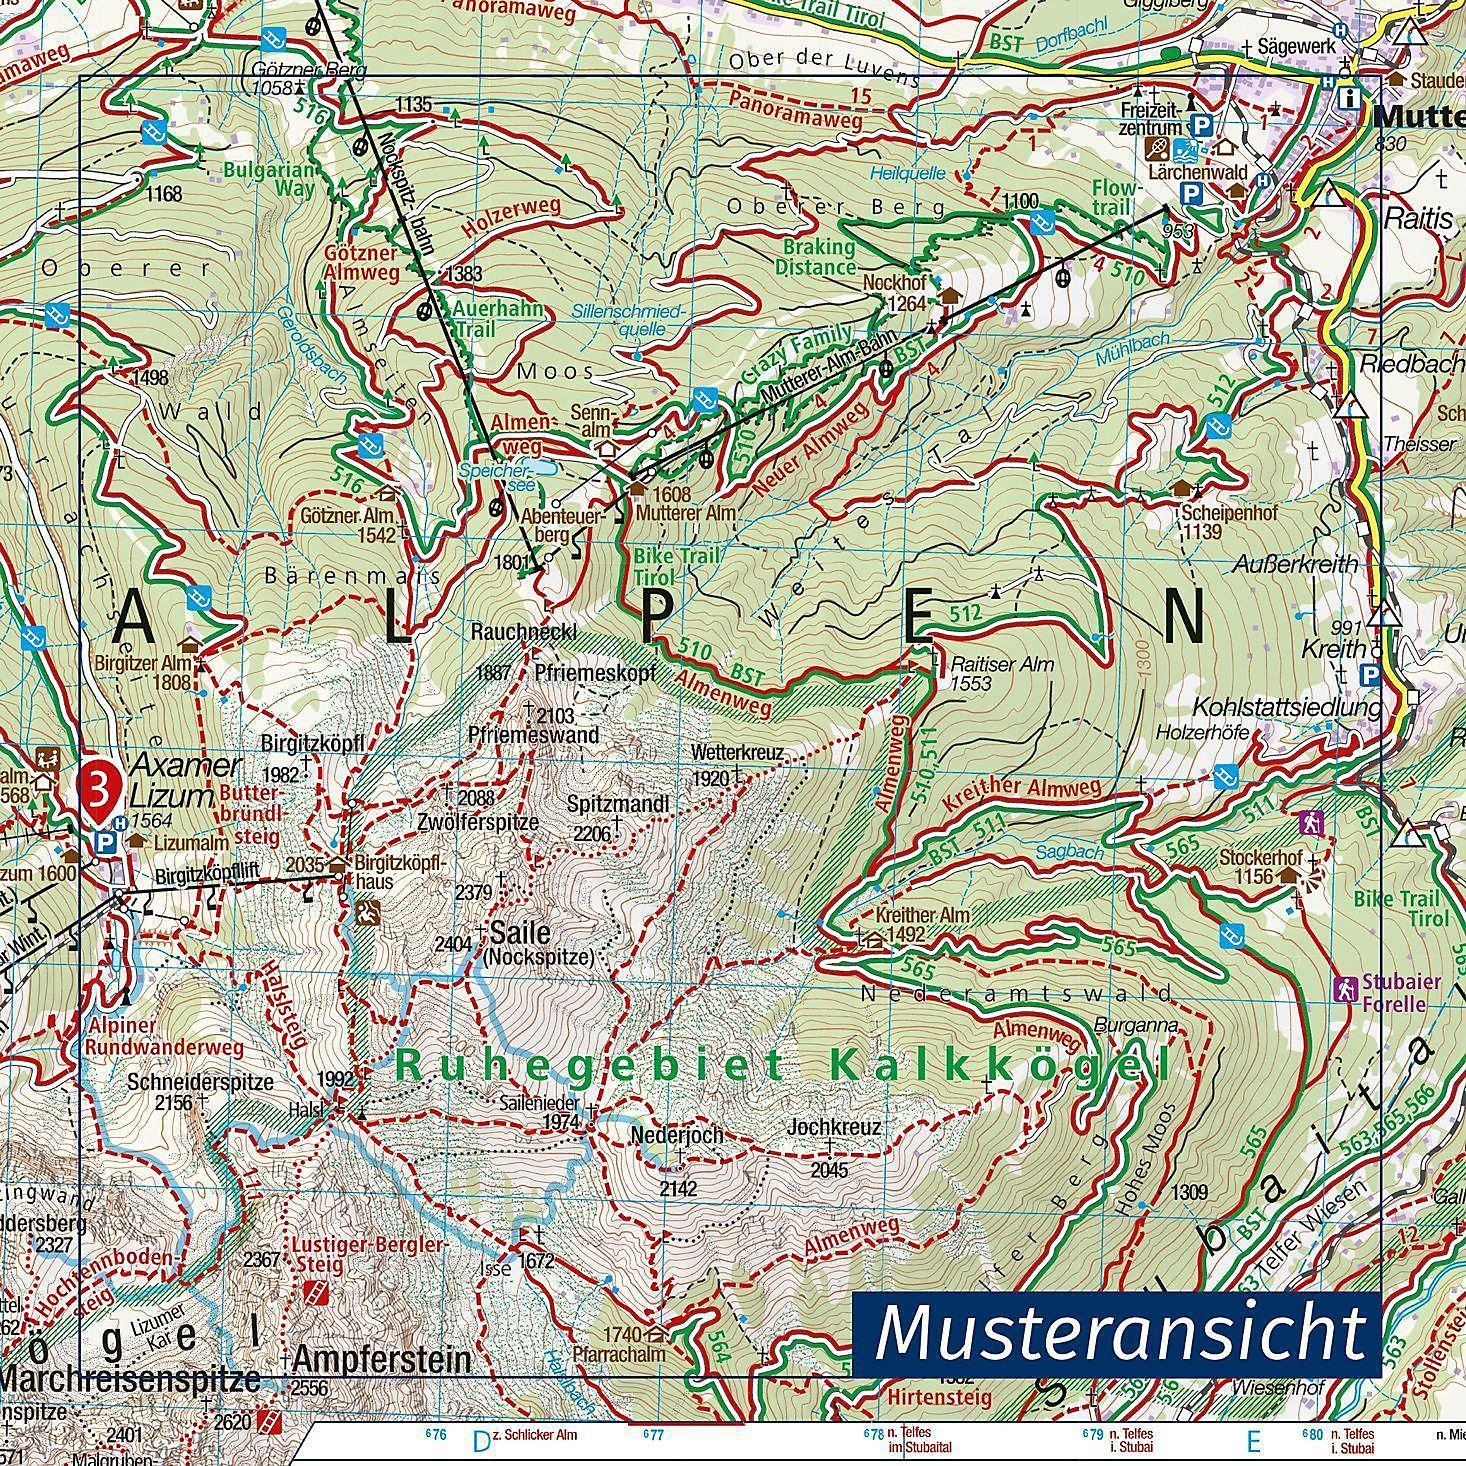 Pitztal Karte.Kompass Karte Inneres ötztal Und Pitztal Gurgler Tal Venter Tal Buch